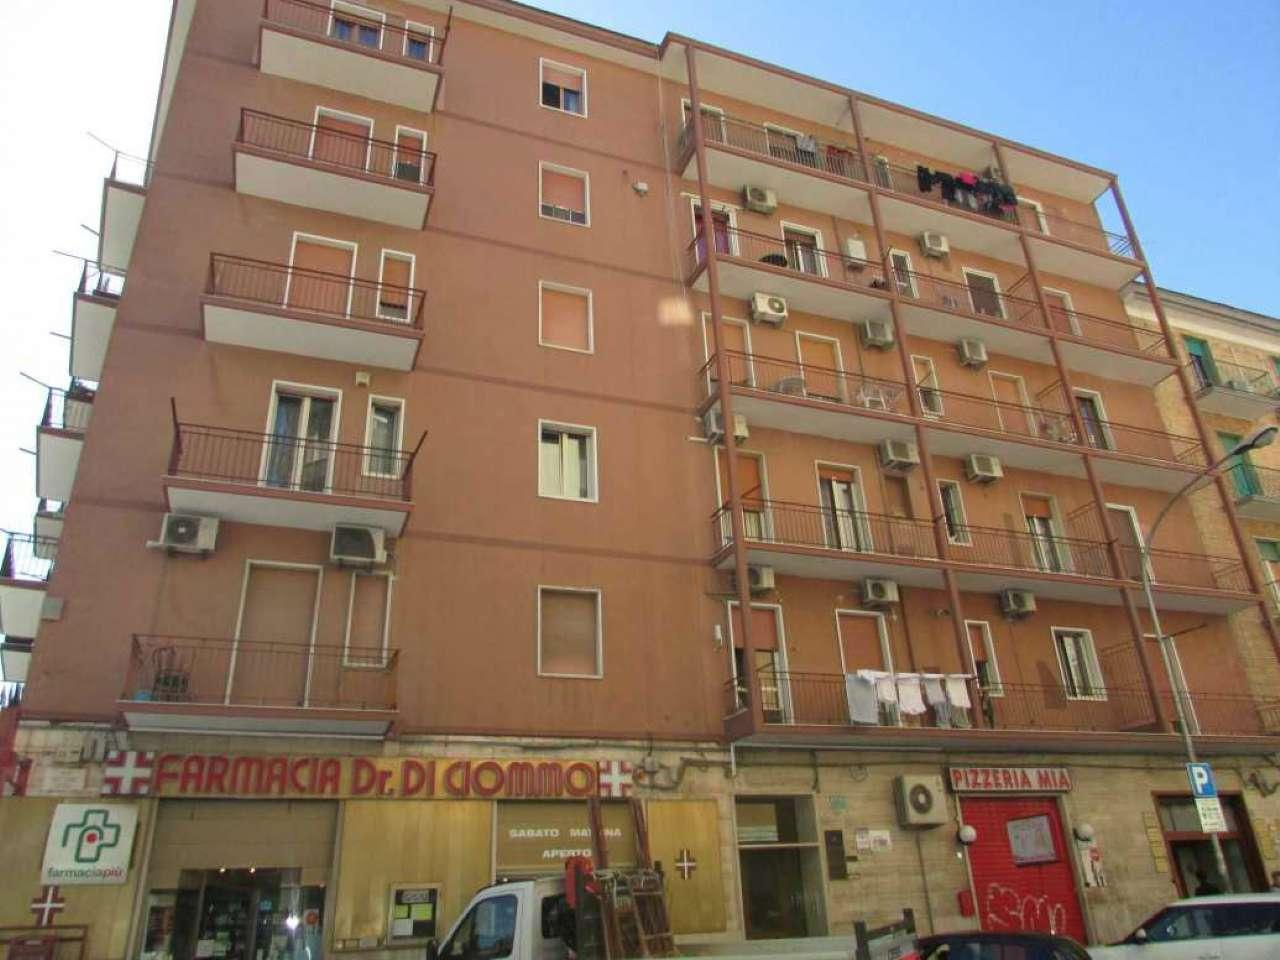 Appartamento quadrilocale in vendita a Foggia (FG)